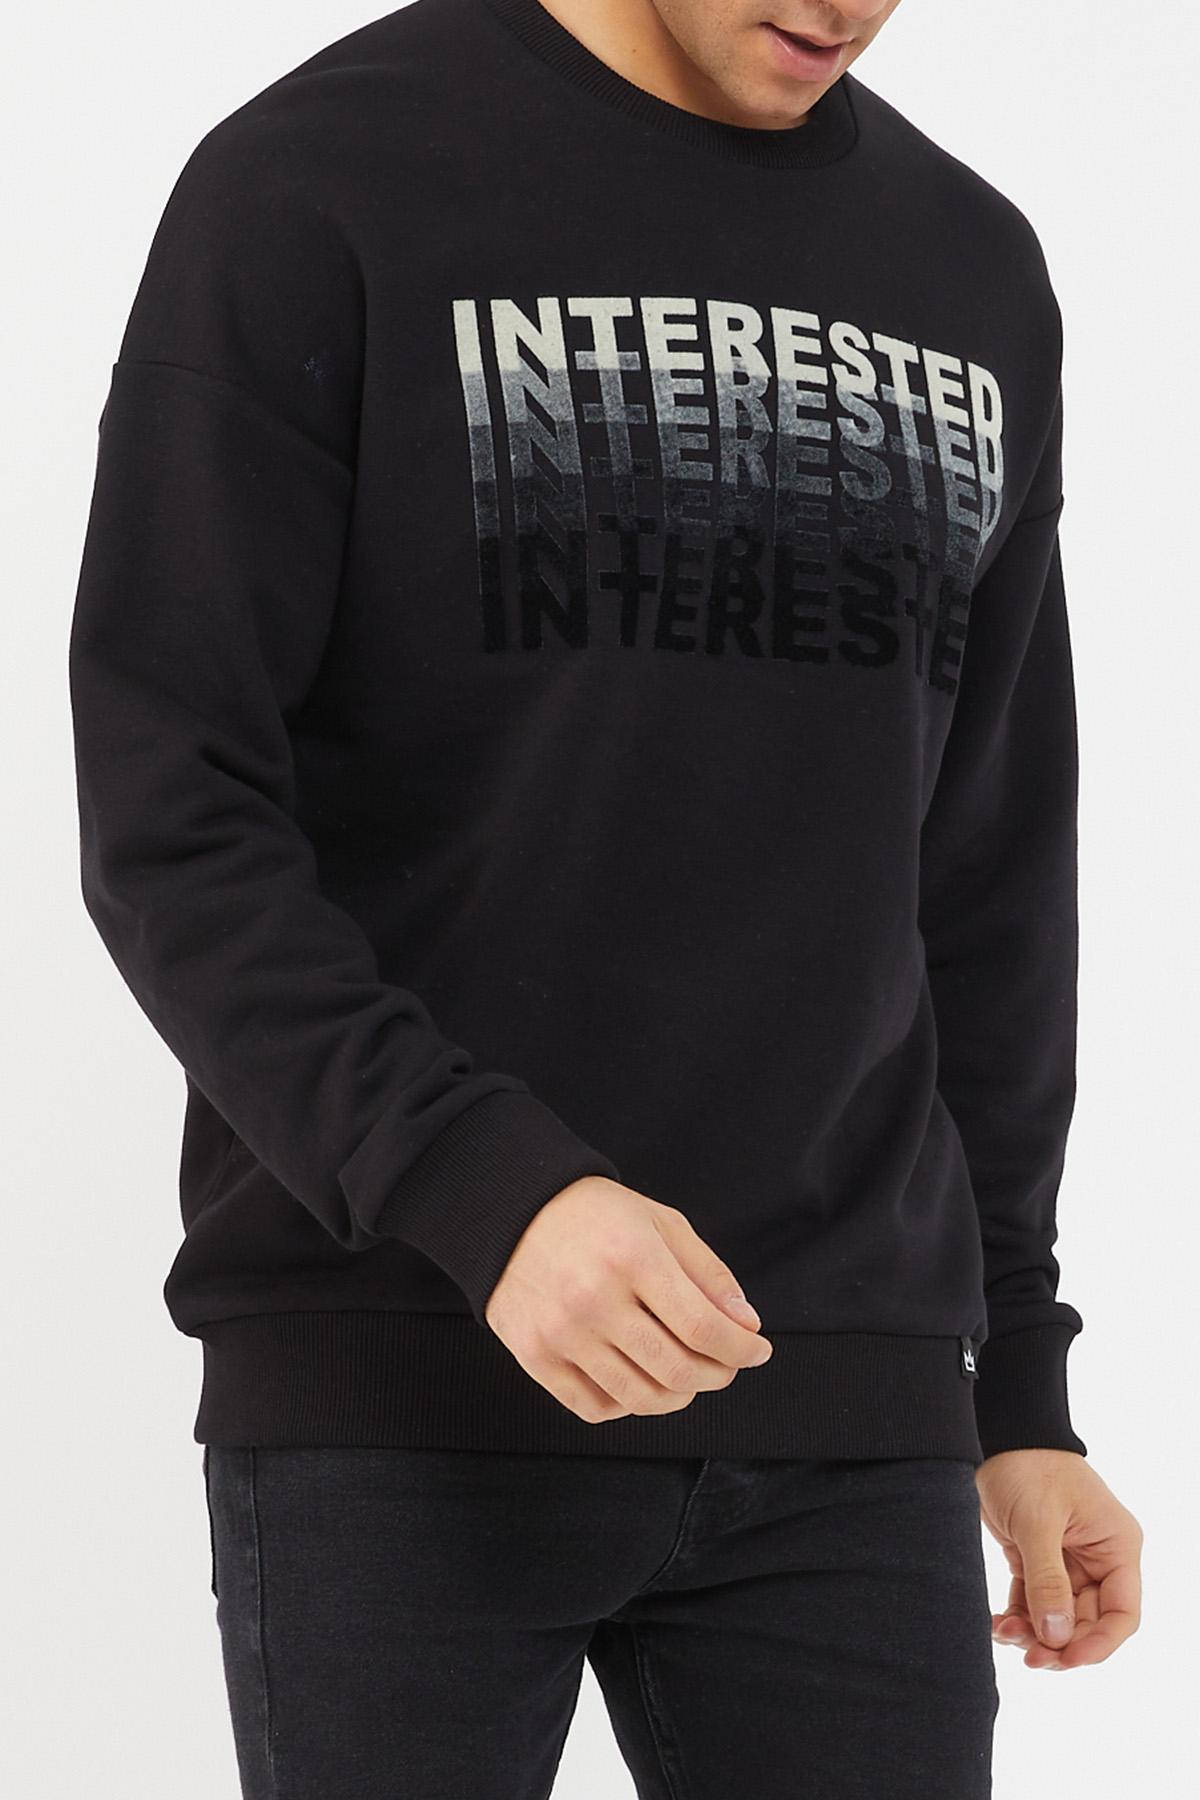 XHAN - Siyah Baskılı Yumuşak Dokulu Sweatshirt 1KXE8-44471-02